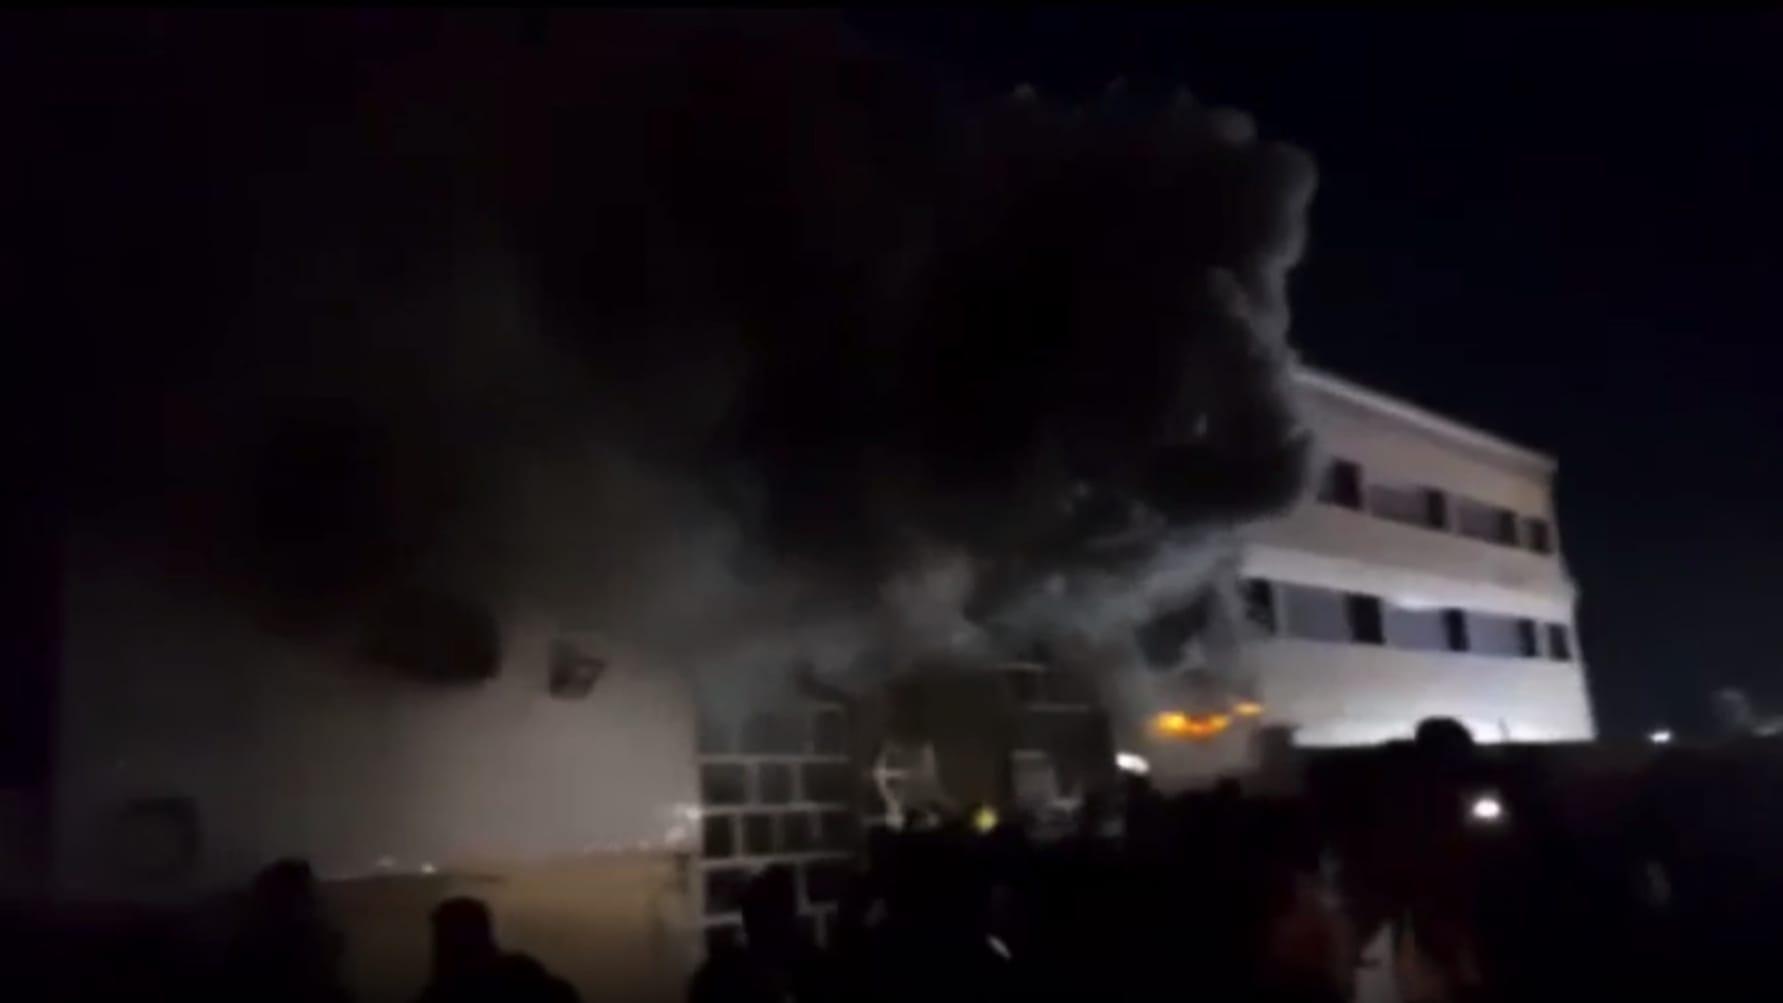 شاهد اللحظات الأولى بعد اندلاع حريق هائل في مستشفى بالعراق